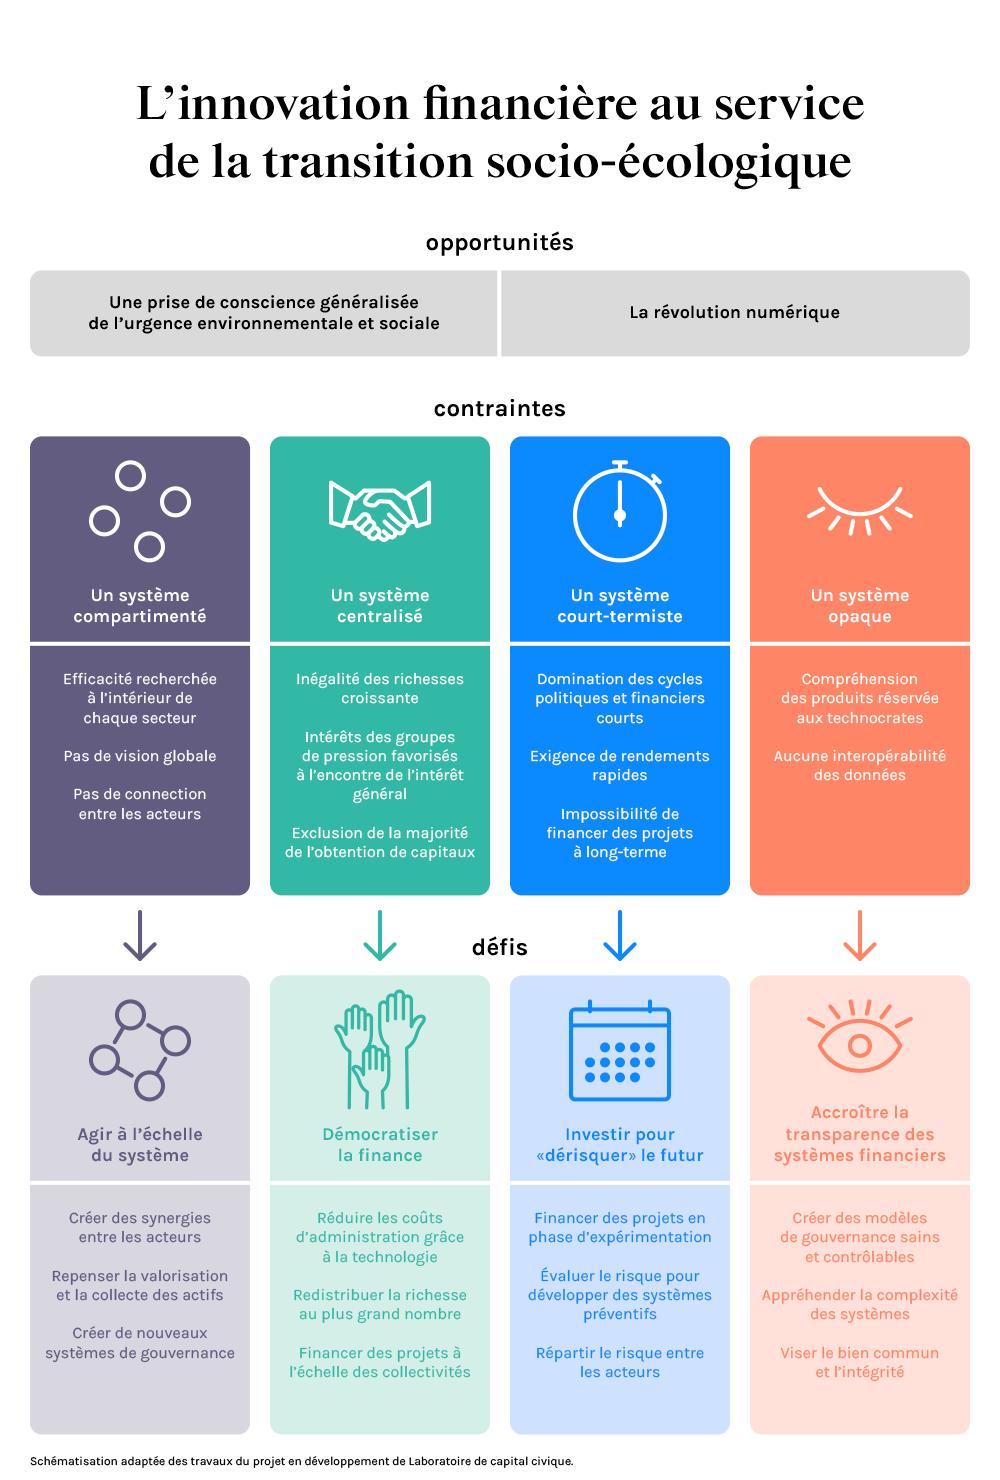 L'innovation financière au service de la transition socio-écologique